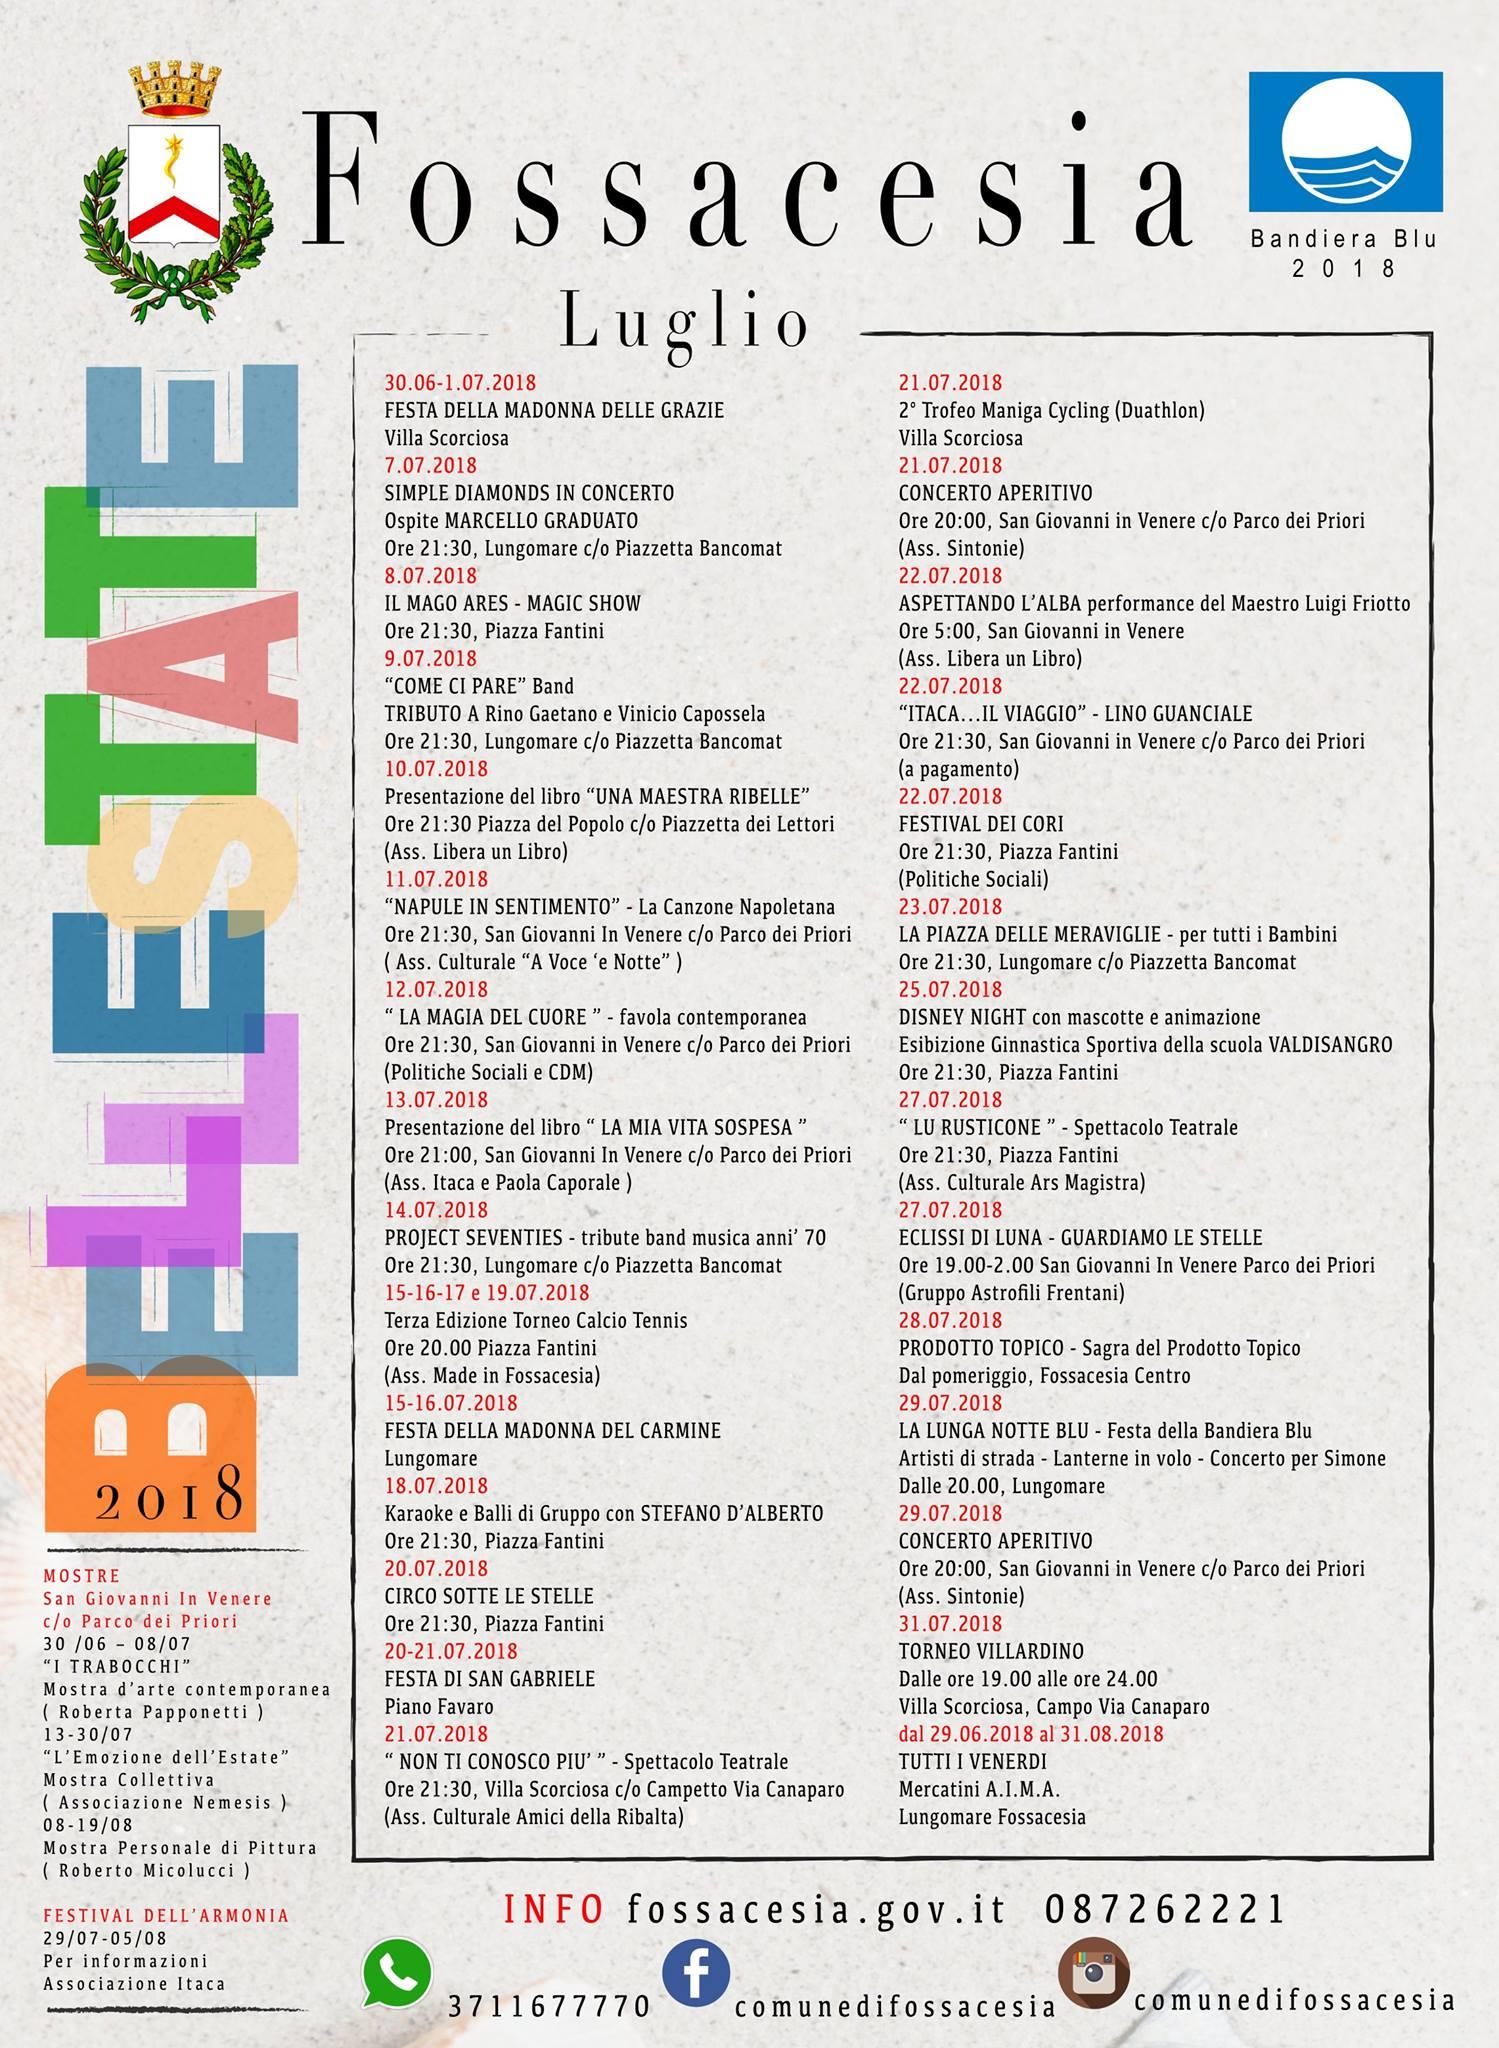 Calendario Eventi.Bellestate 2018 Calendario Degli Eventi Estivi A Fossacesia